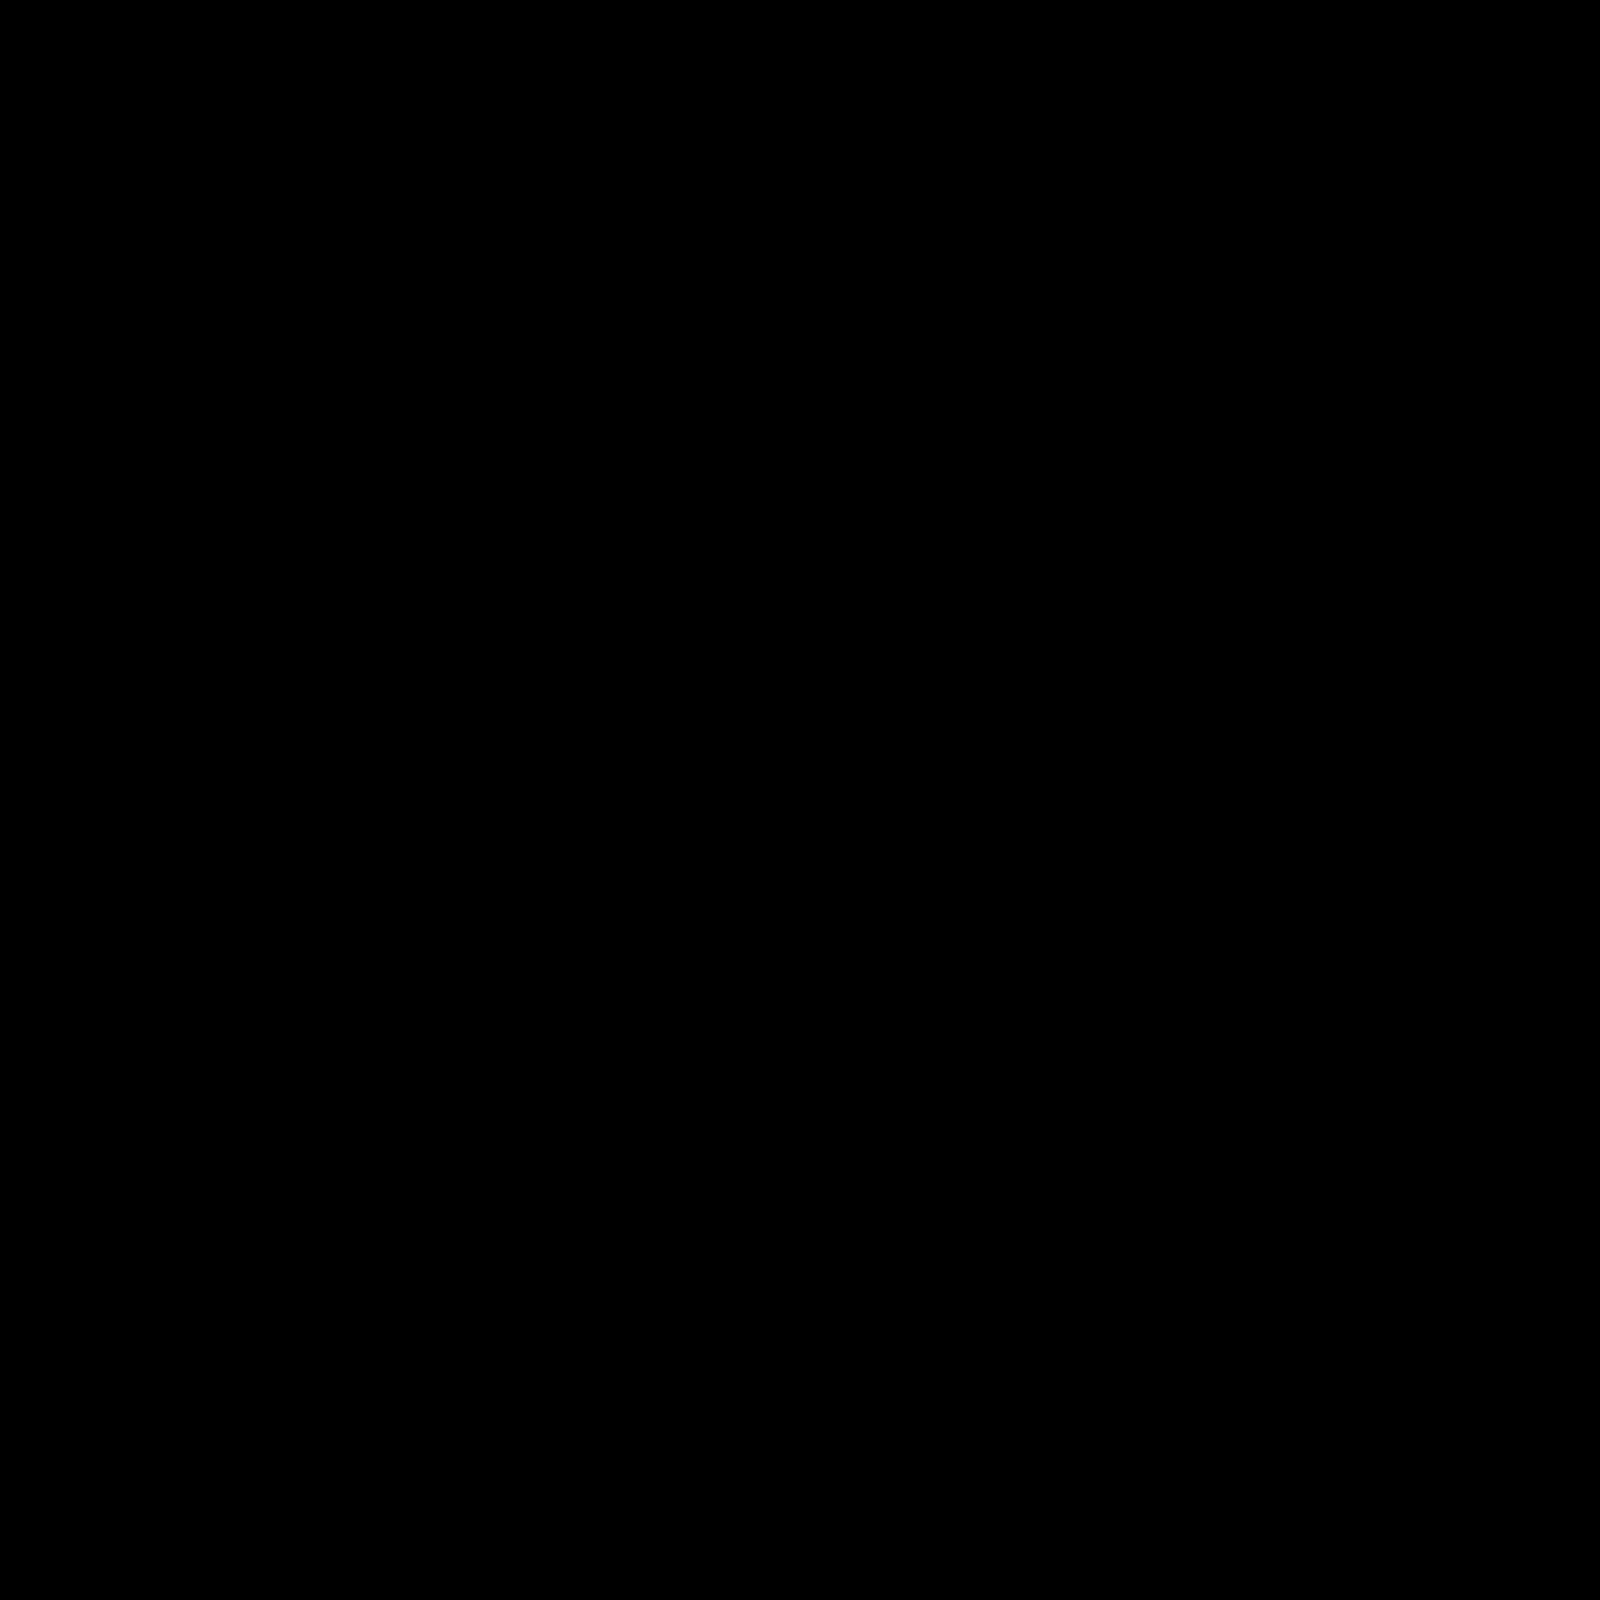 Łom icon